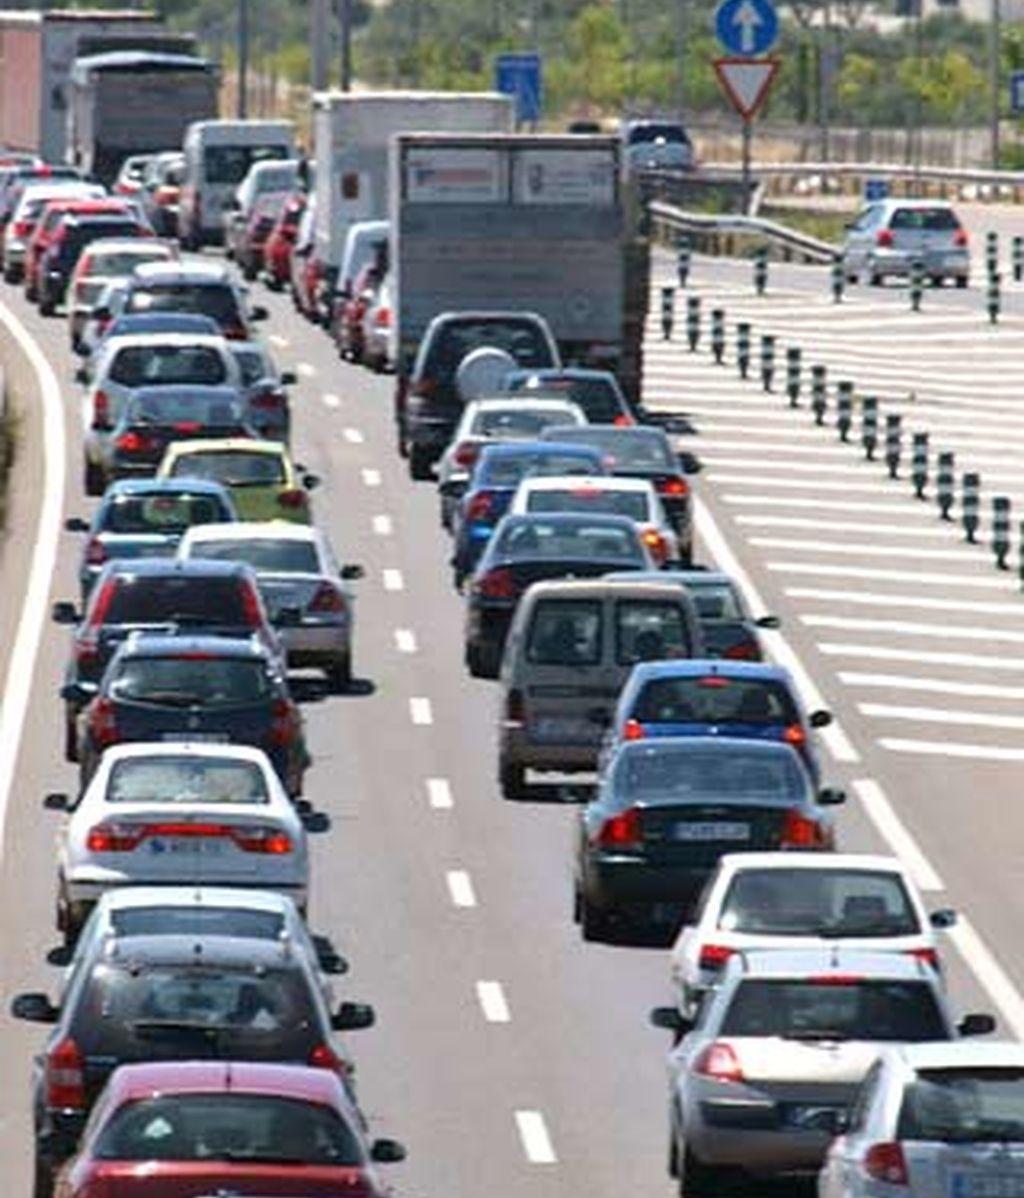 La salida de Madrid por la A-5 a la altura de Móstoles ha registrado complicaciones el viernes y el sábado por la mañana. Foto: EFE